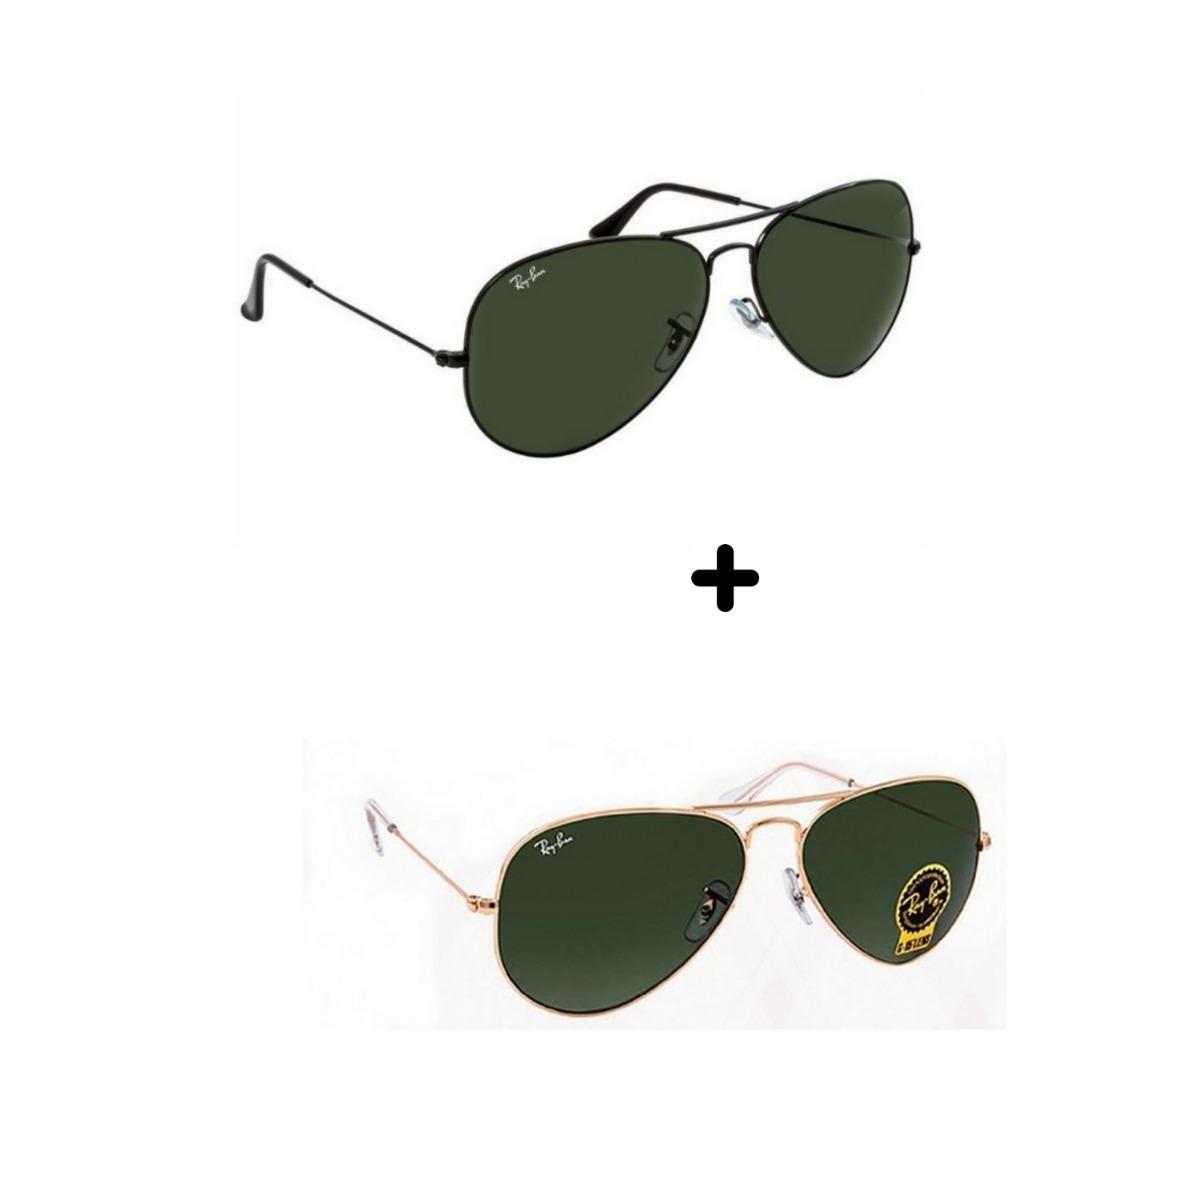 5593b914fe616 kit 2 óculos de sol masculino feminino aviador promoção 3025. Carregando  zoom.